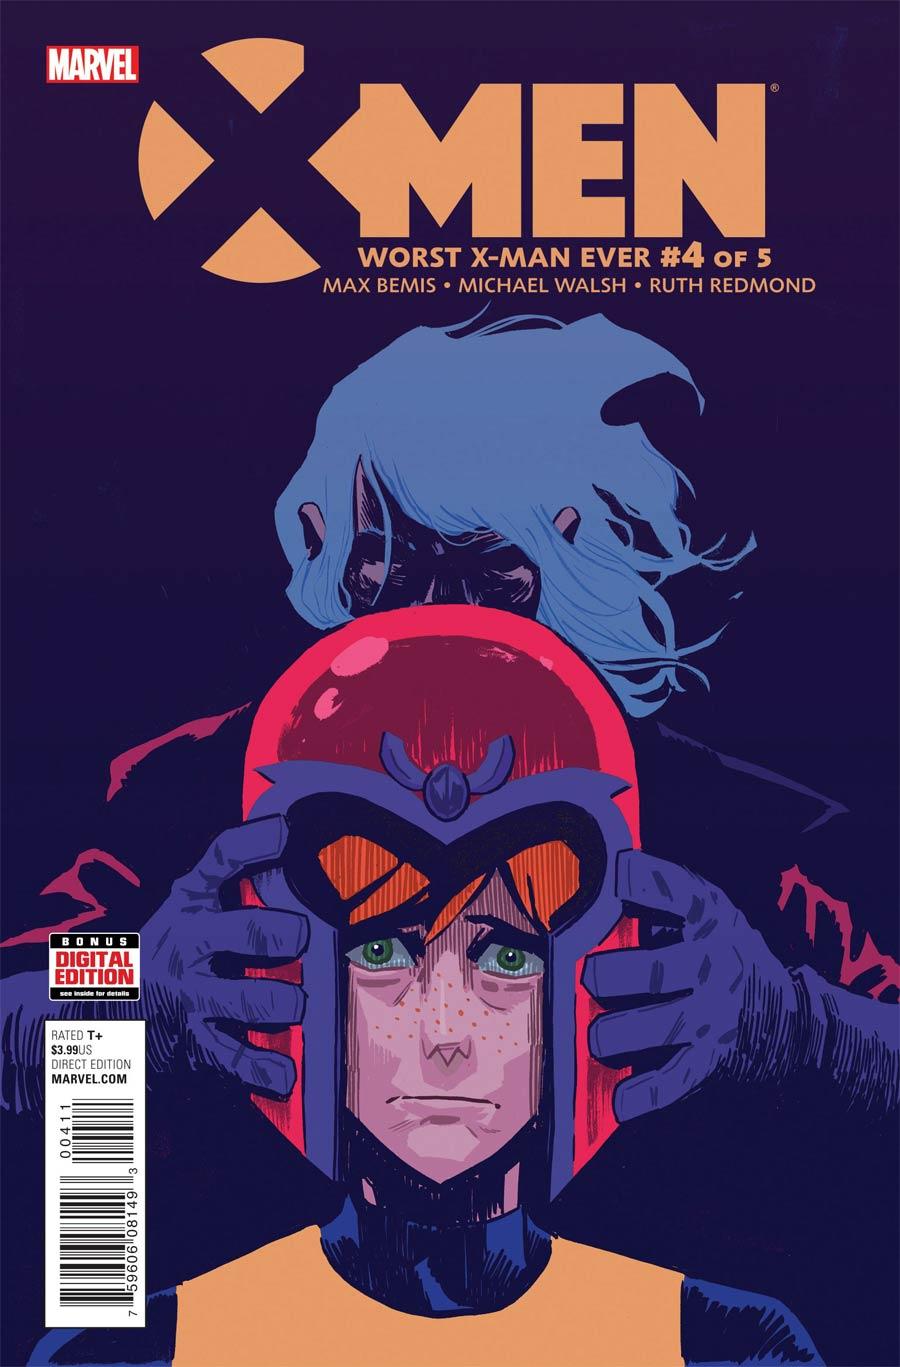 X-Men Worst X-Man Ever #4